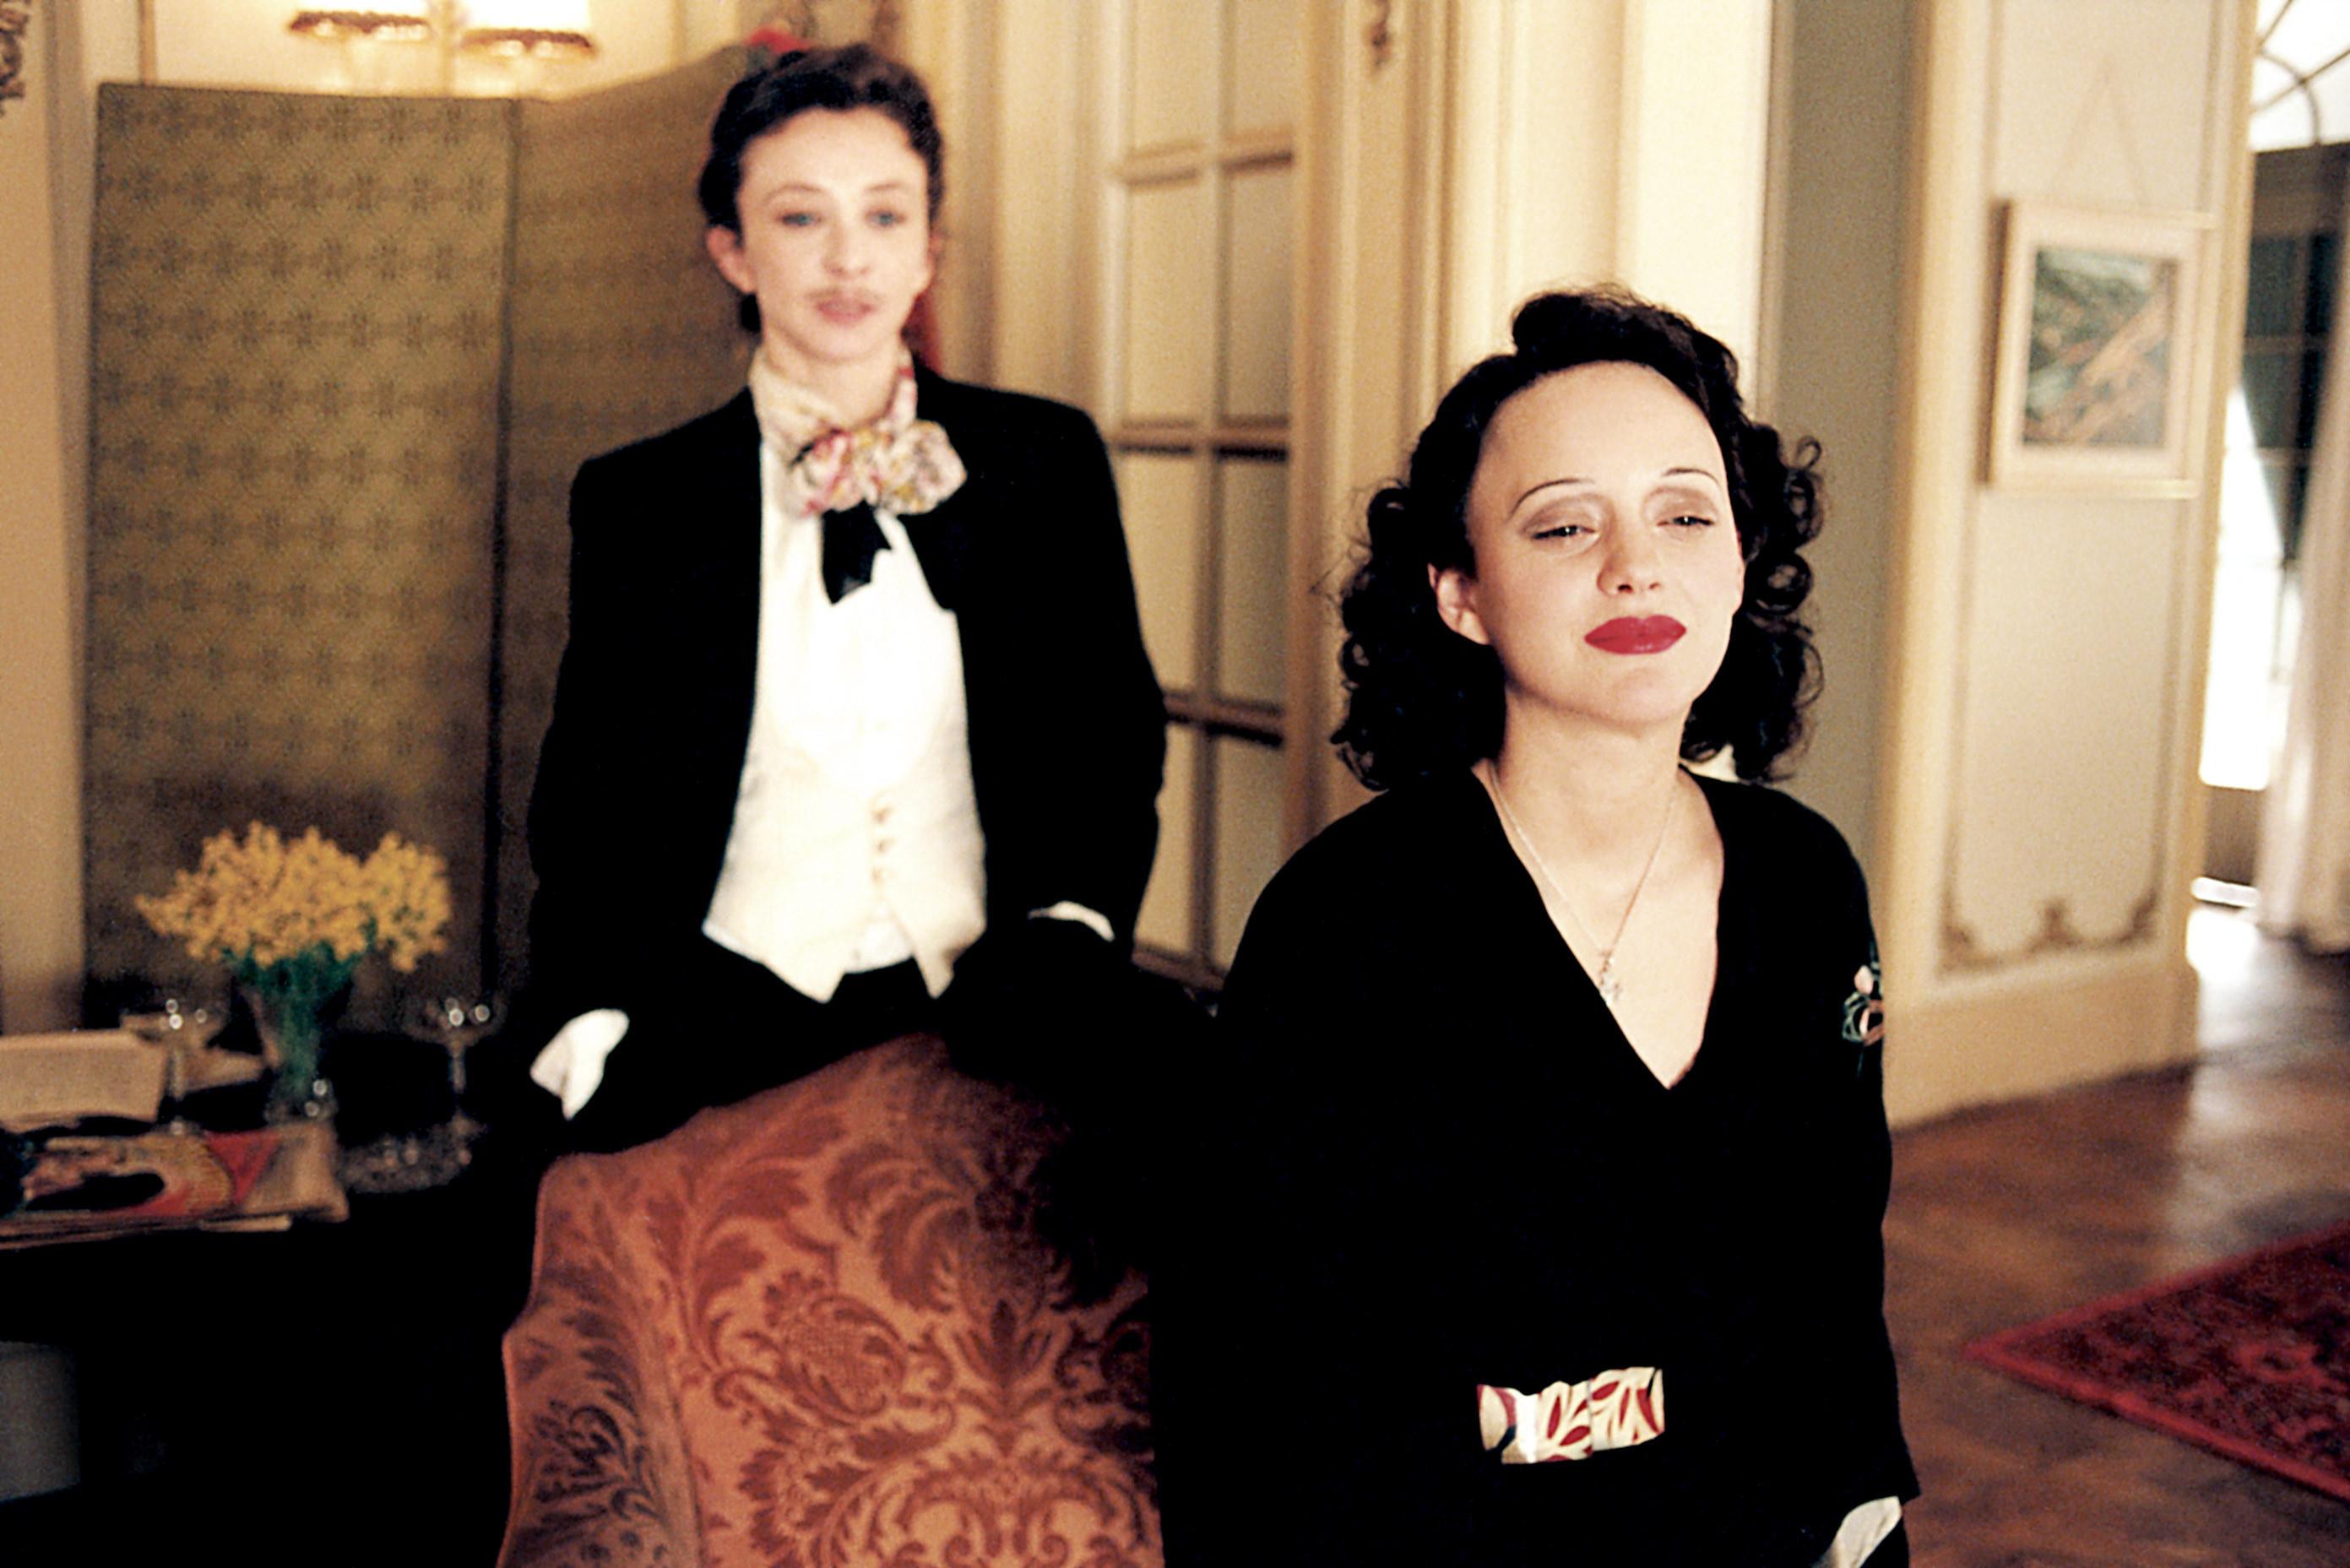 Marion Cotillard as Edith Piaf and costar in La Vie en Rose